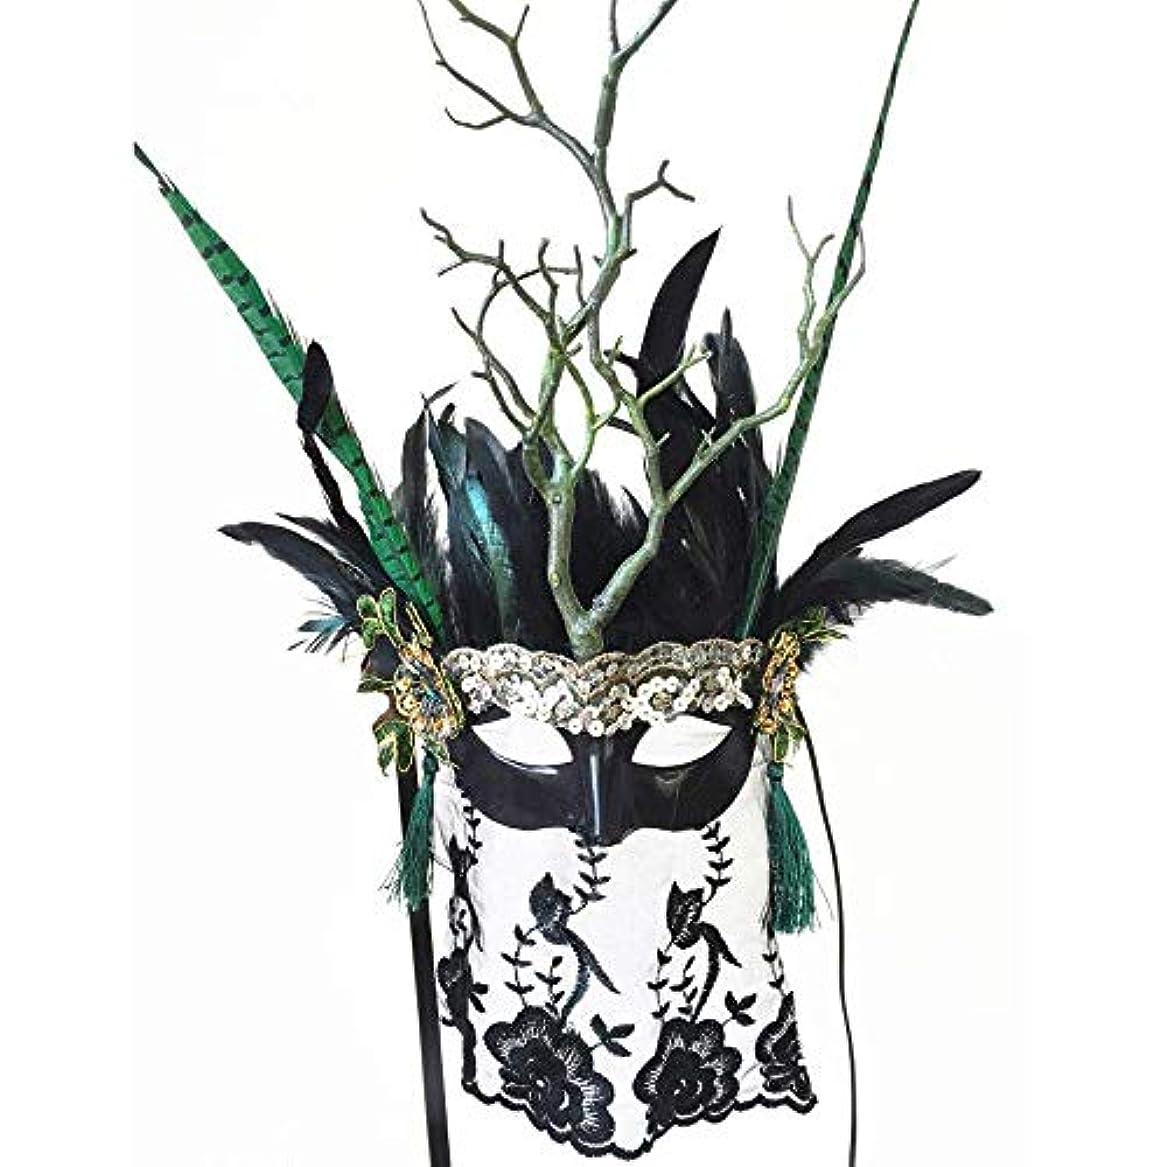 錫元気マイクロフォンNanle ハロウィーンクリスマスドライブランチレースフェザースパンコールタッセルベールマスク仮装マスクレディミスプリンセス美しさの祭りパーティー装飾マスク (色 : Style A)